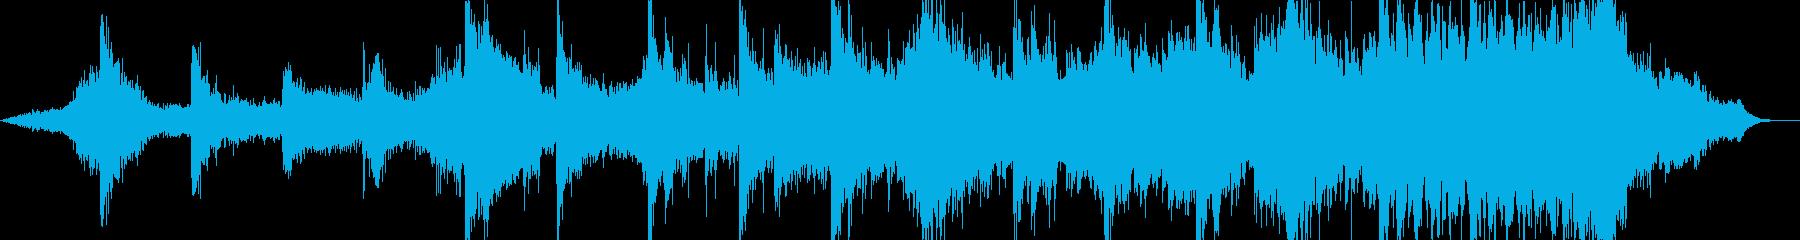 ハリウッドトレイラー風のジングルの再生済みの波形